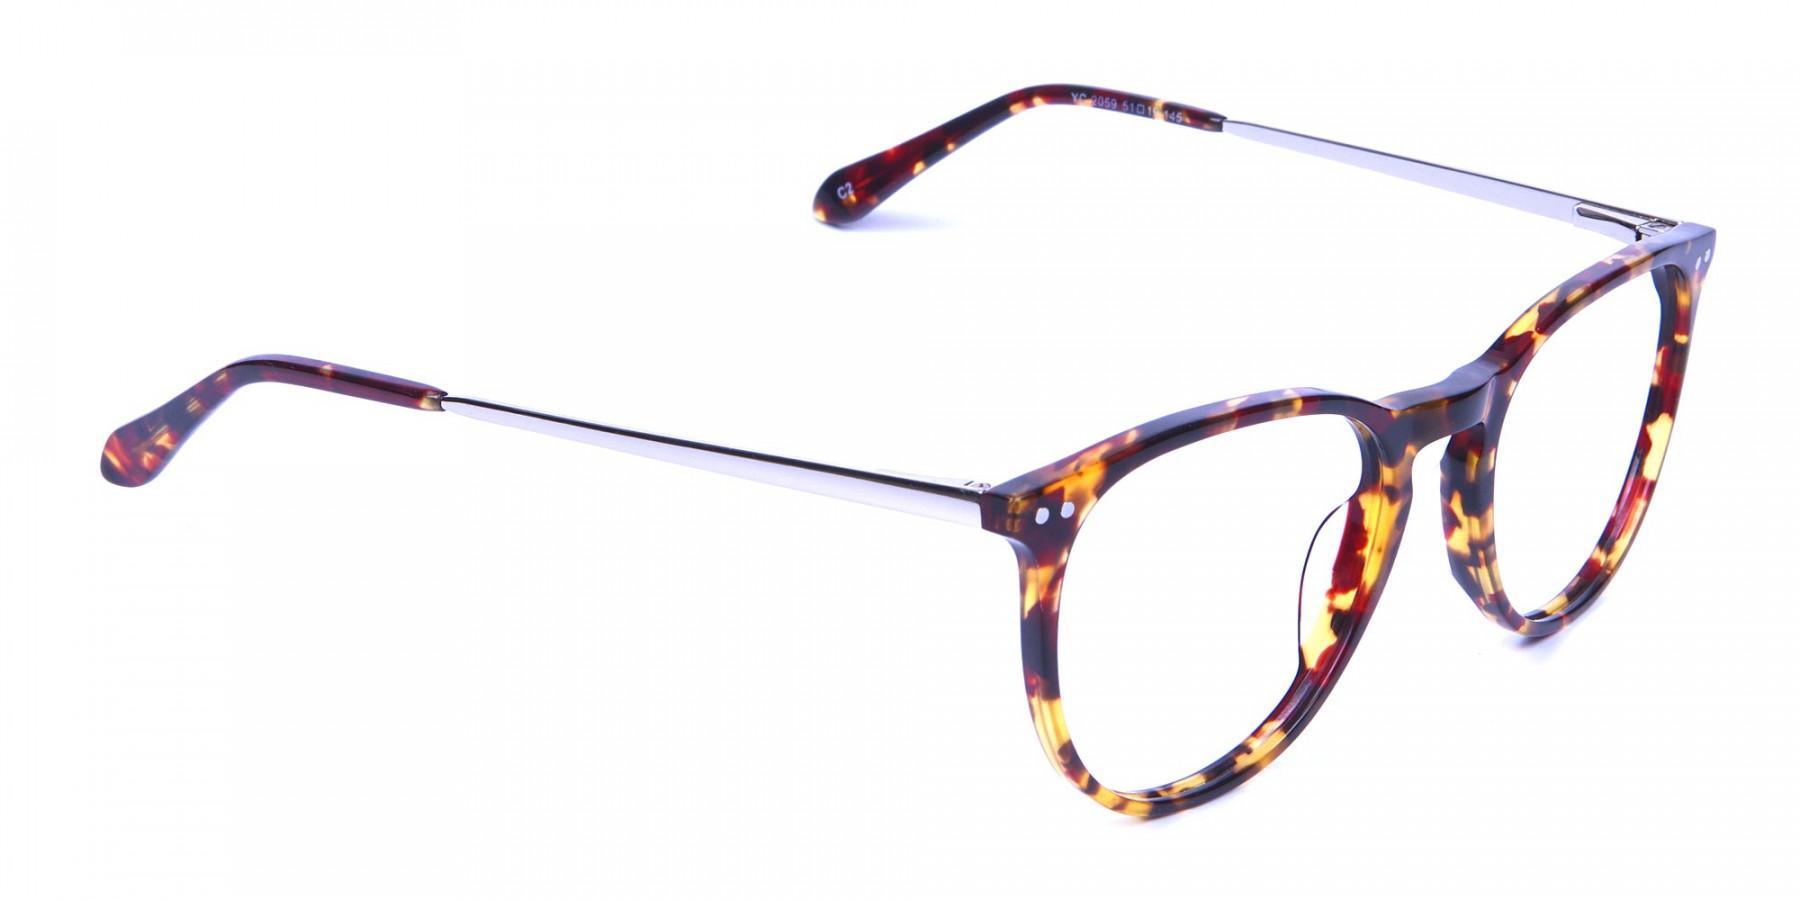 Neutral Round Glasses in Tortoiseshell Colour